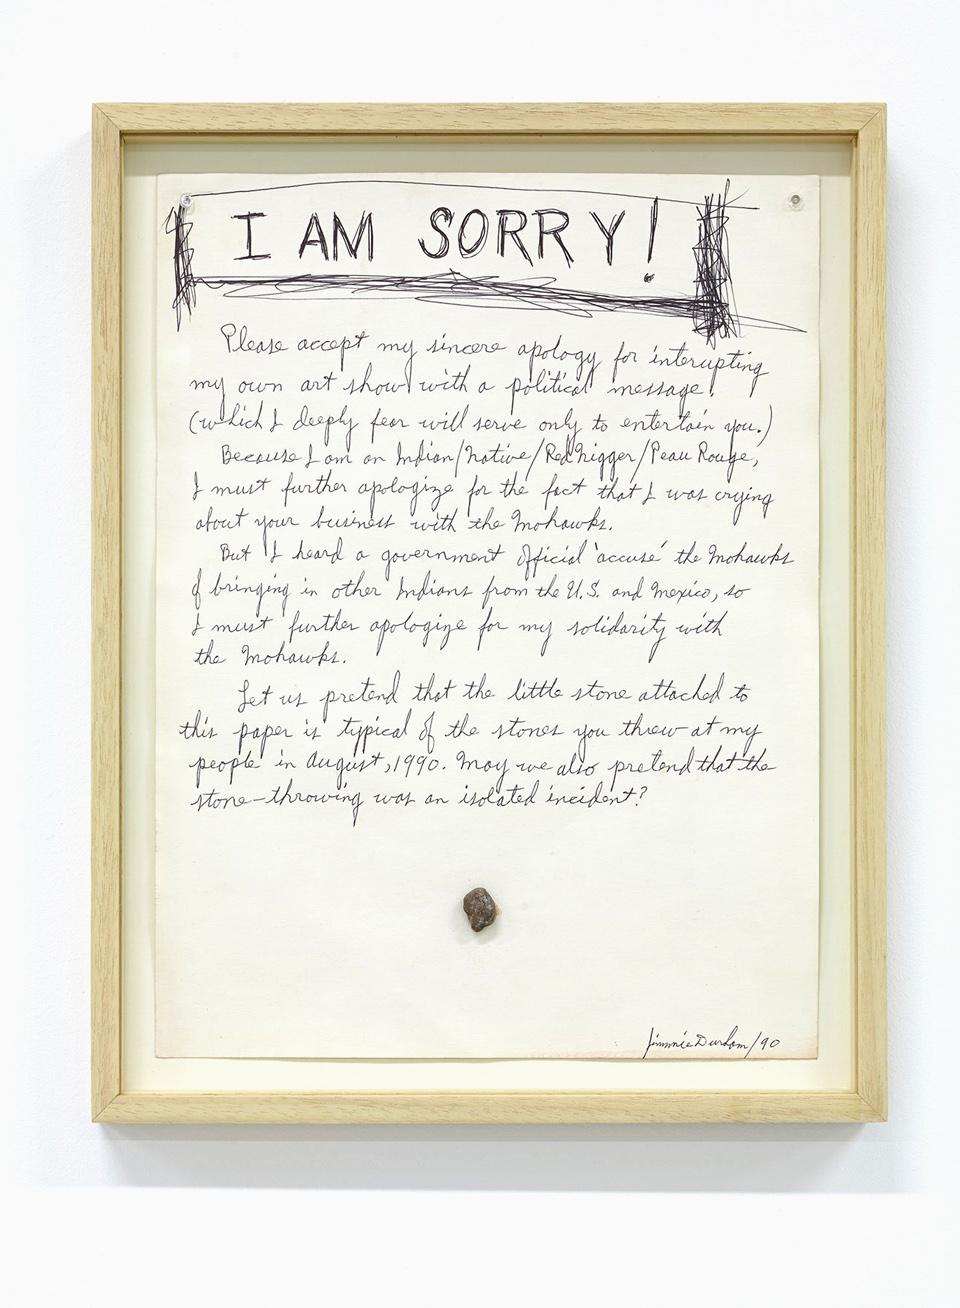 Jimmie Durham, Untitled, 1990